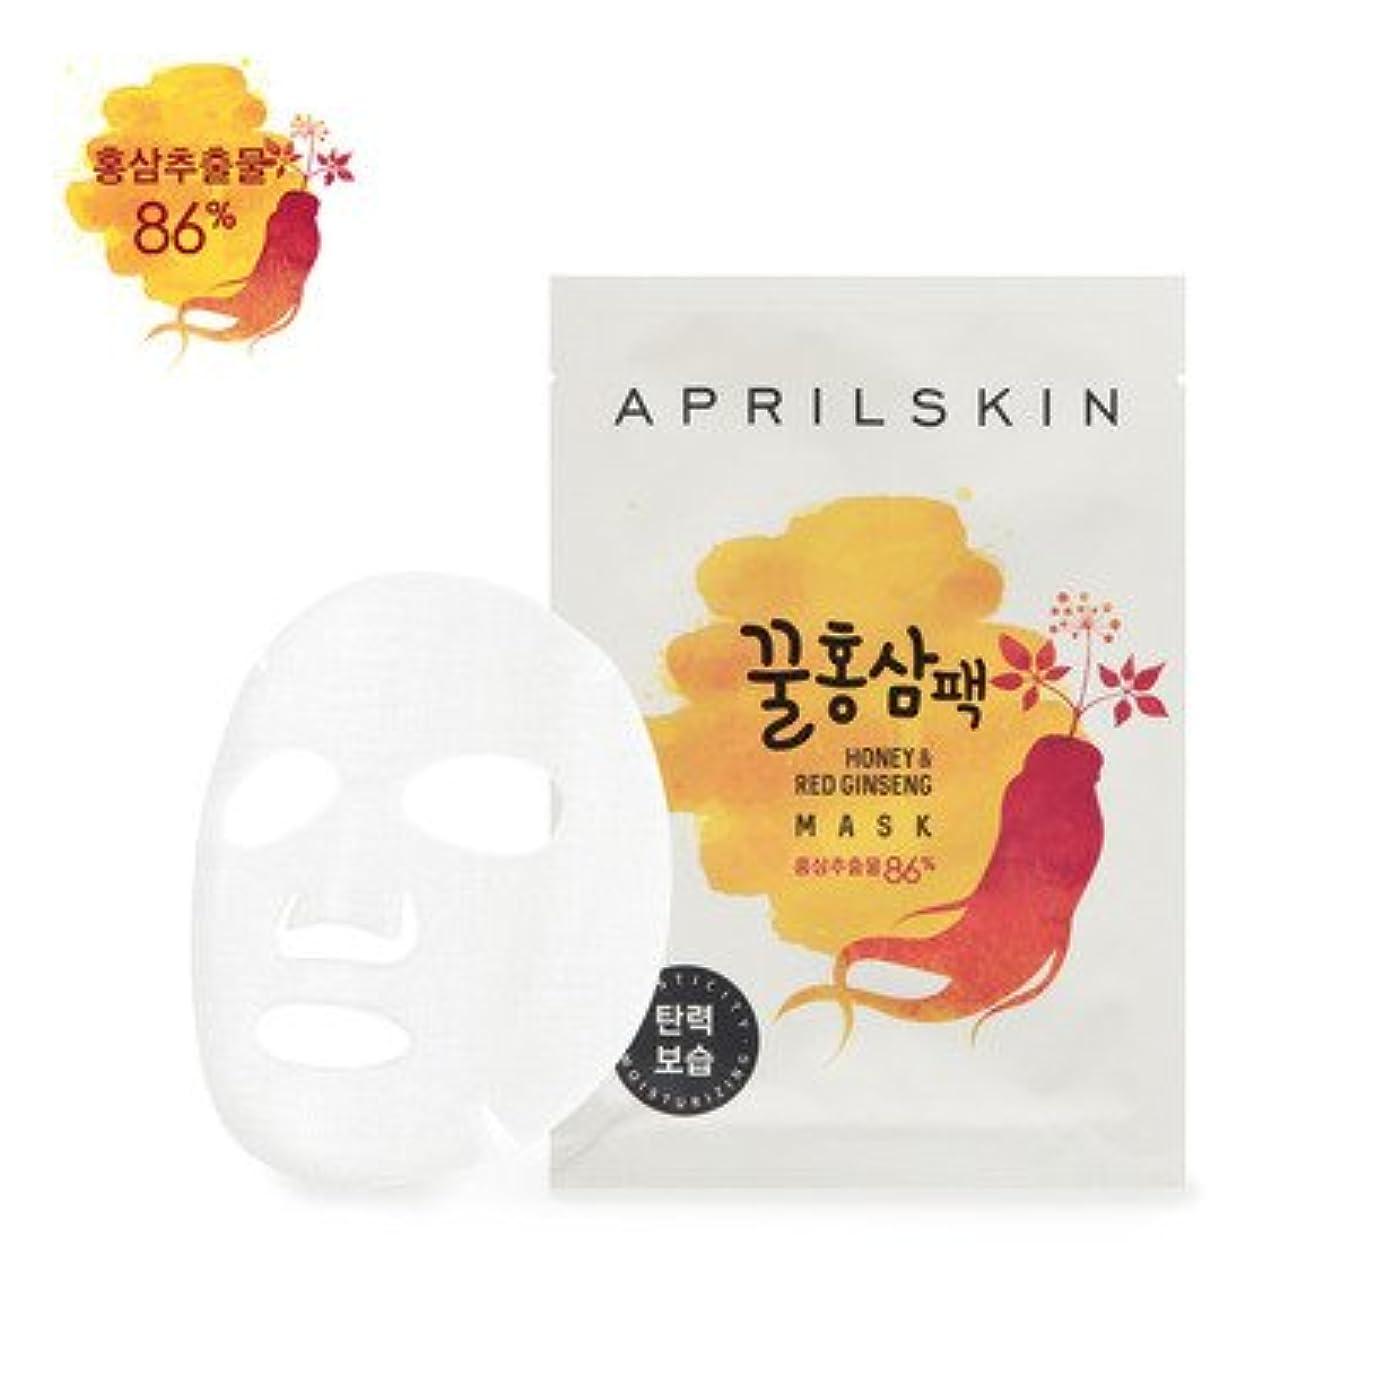 動的小売戸惑うAPRILSKIN Honey & Red Ginseng Mask 25g × 10EA/エイプリルスキン ハニー&紅参 マスク 25g × 10枚 [並行輸入品]